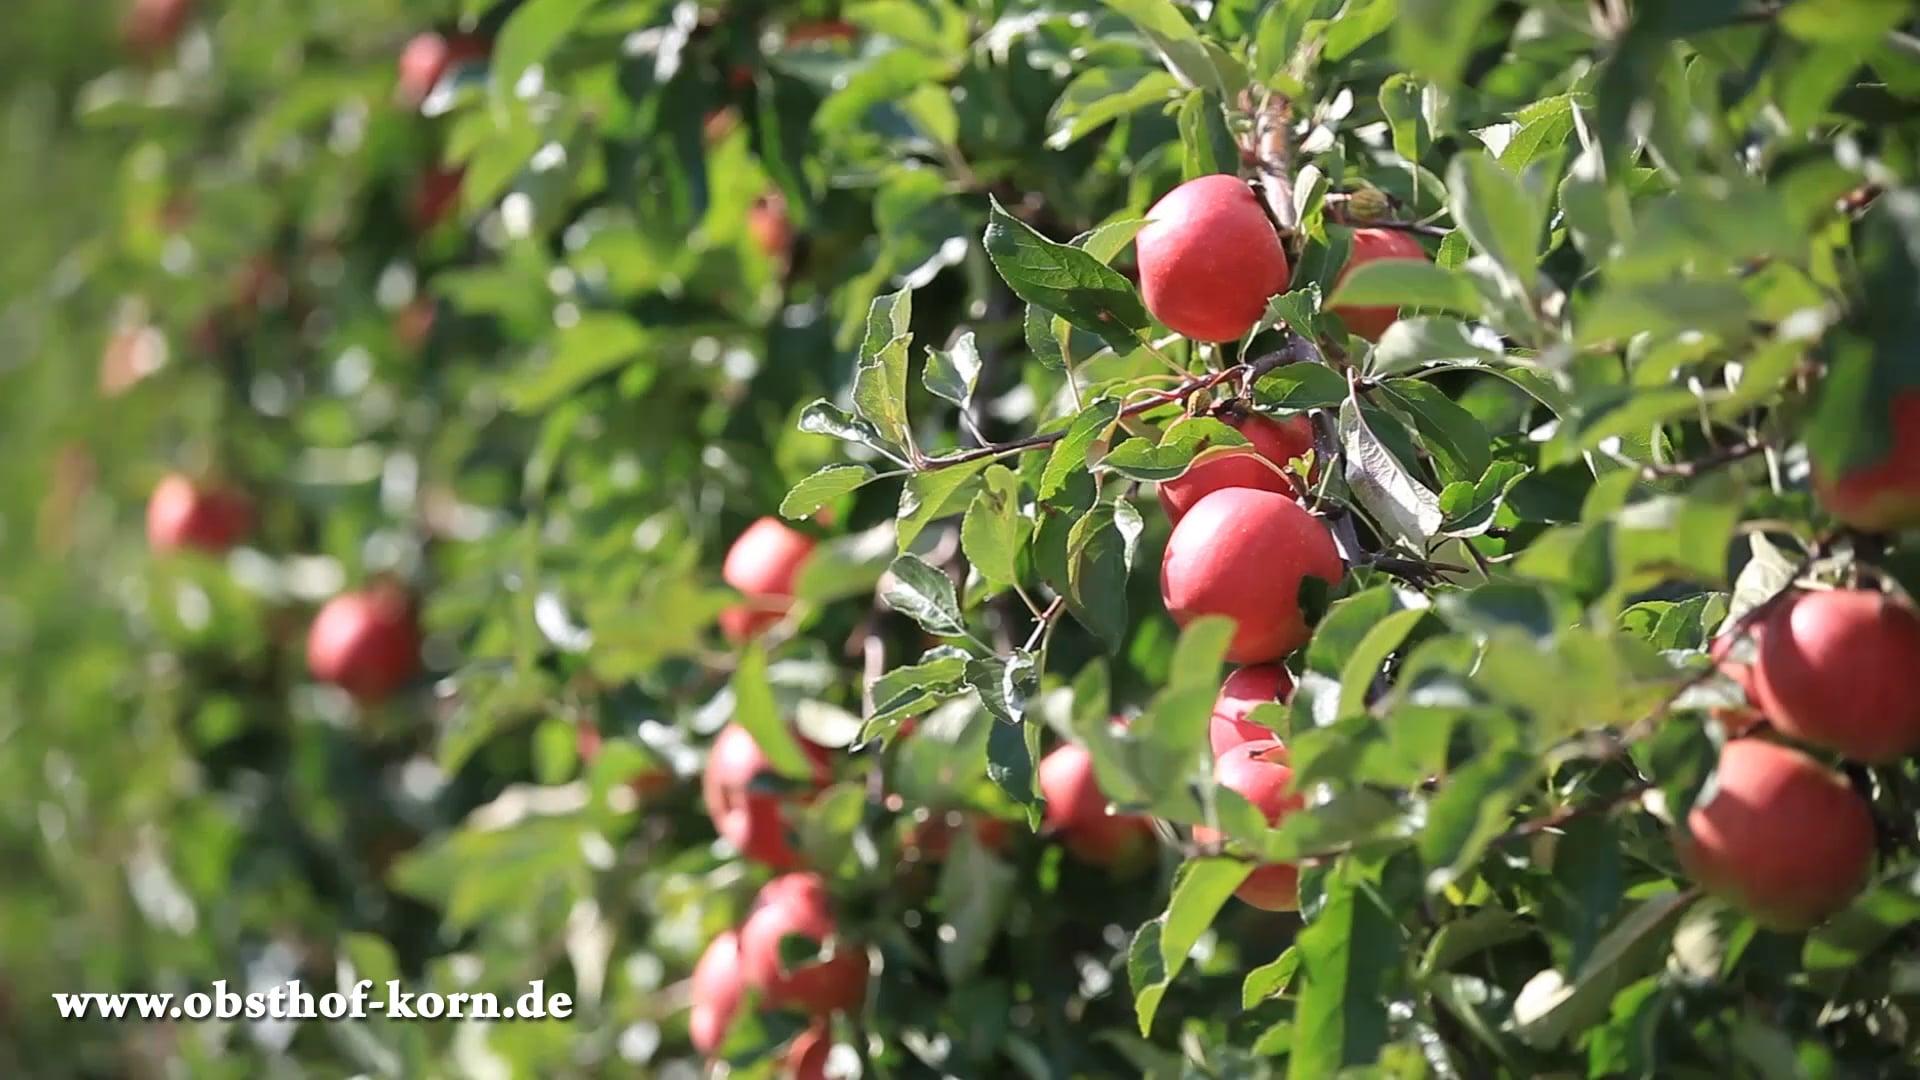 Obsthof Korn - Das Beste aus der Natur